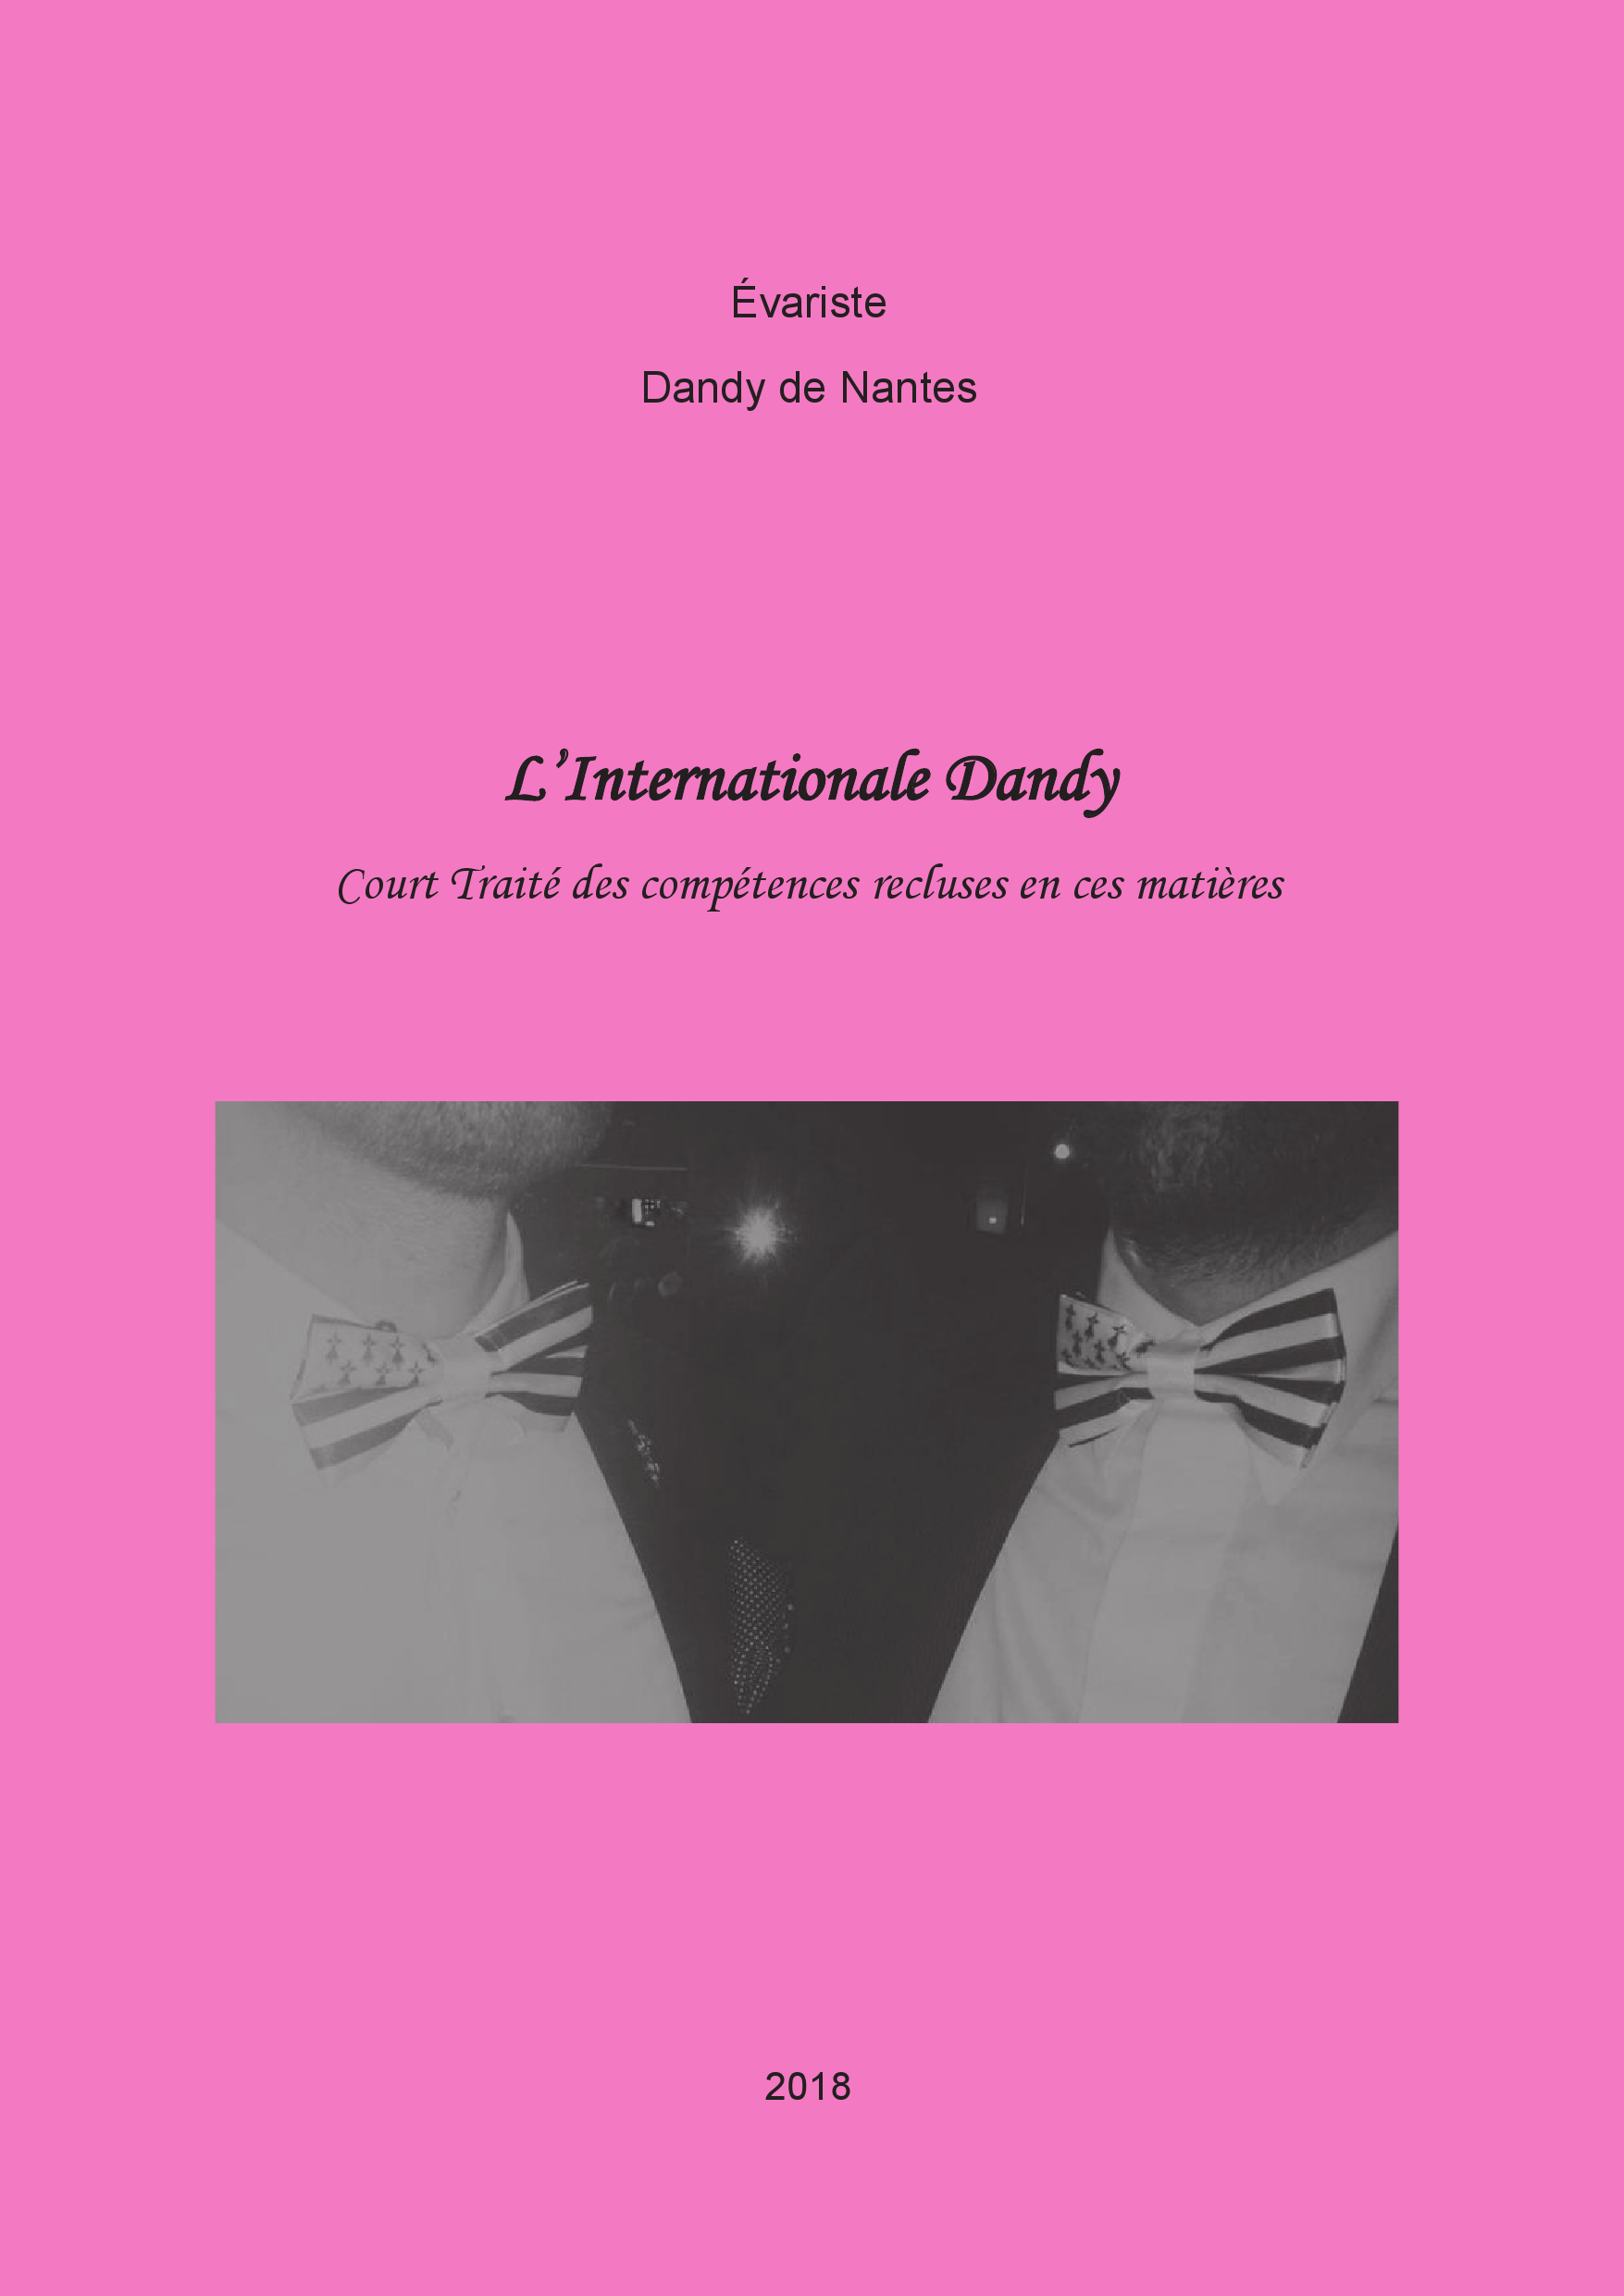 L'Internationale Dandy